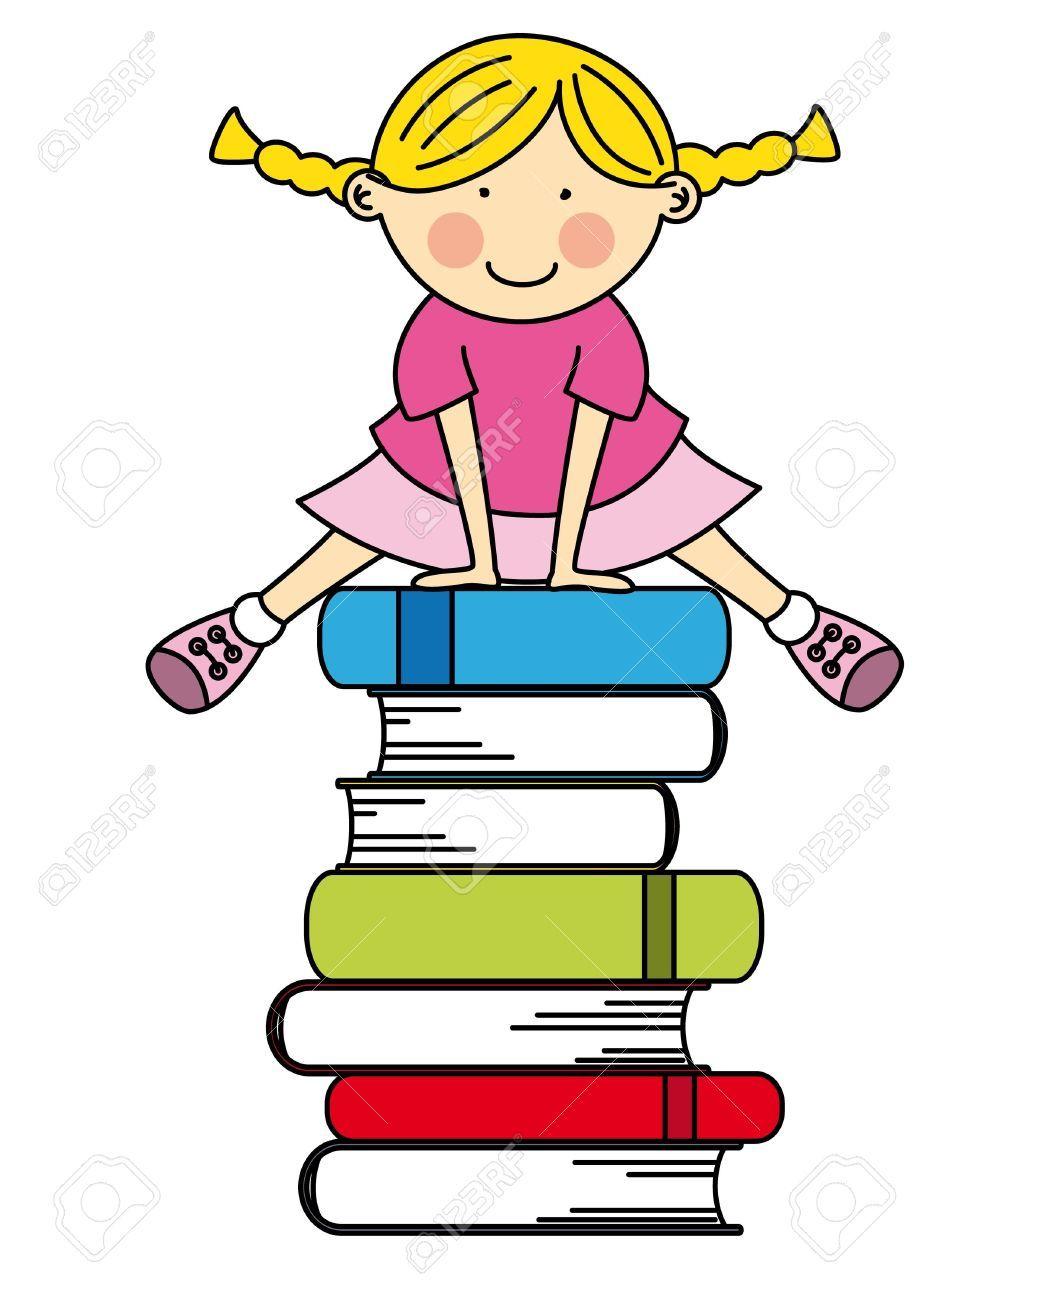 dibujos de niños leyendo - Buscar con Google | Dibujos para niños ...